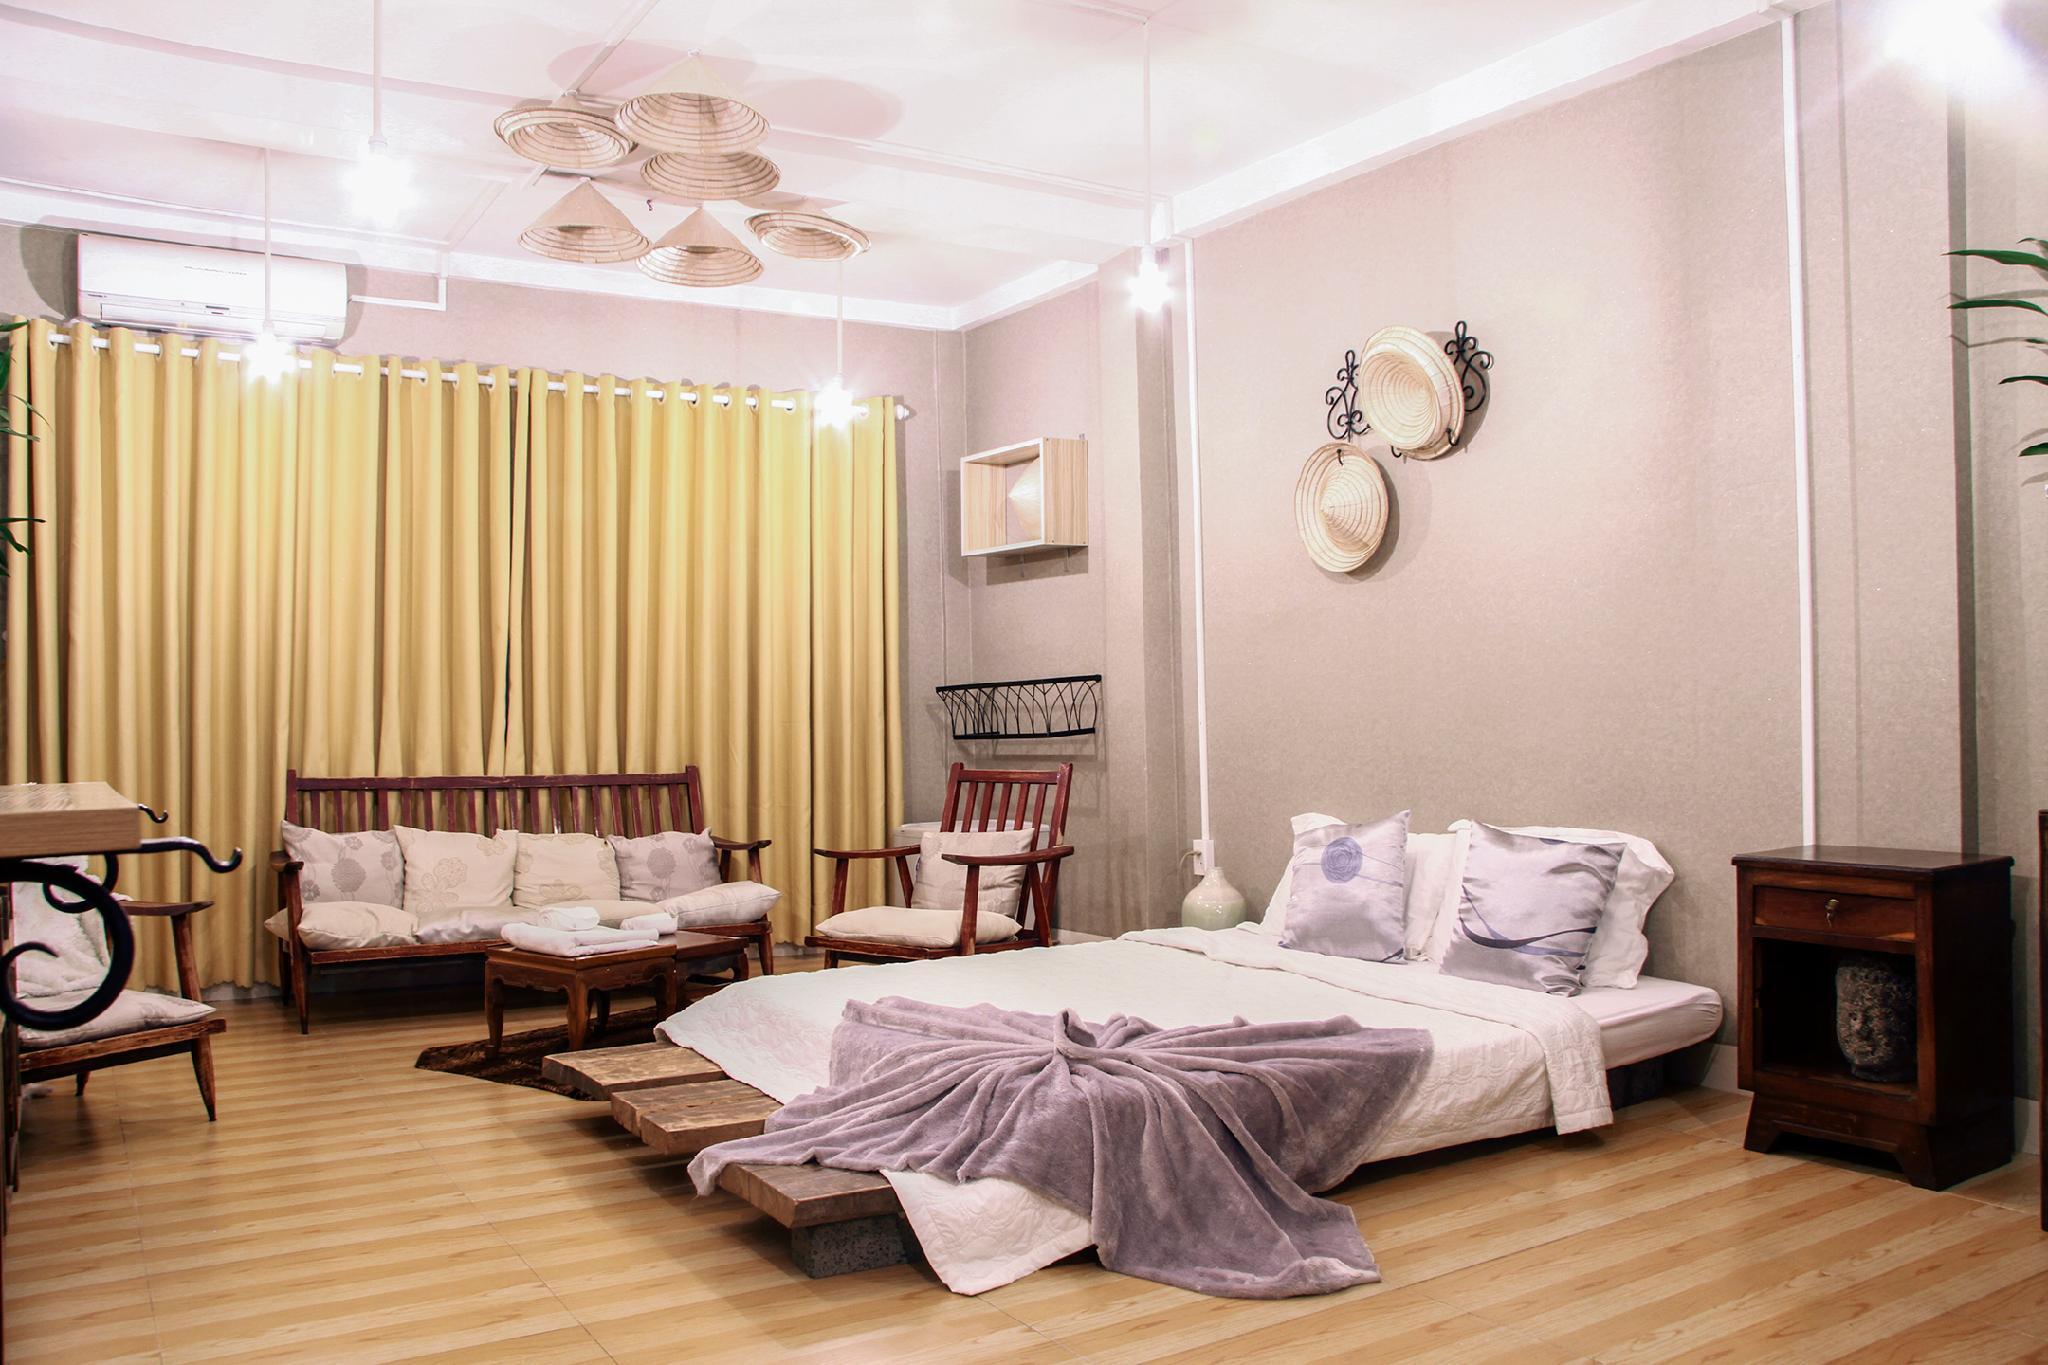 NHA SAIGON   Rustic Style And Spacious Room L3